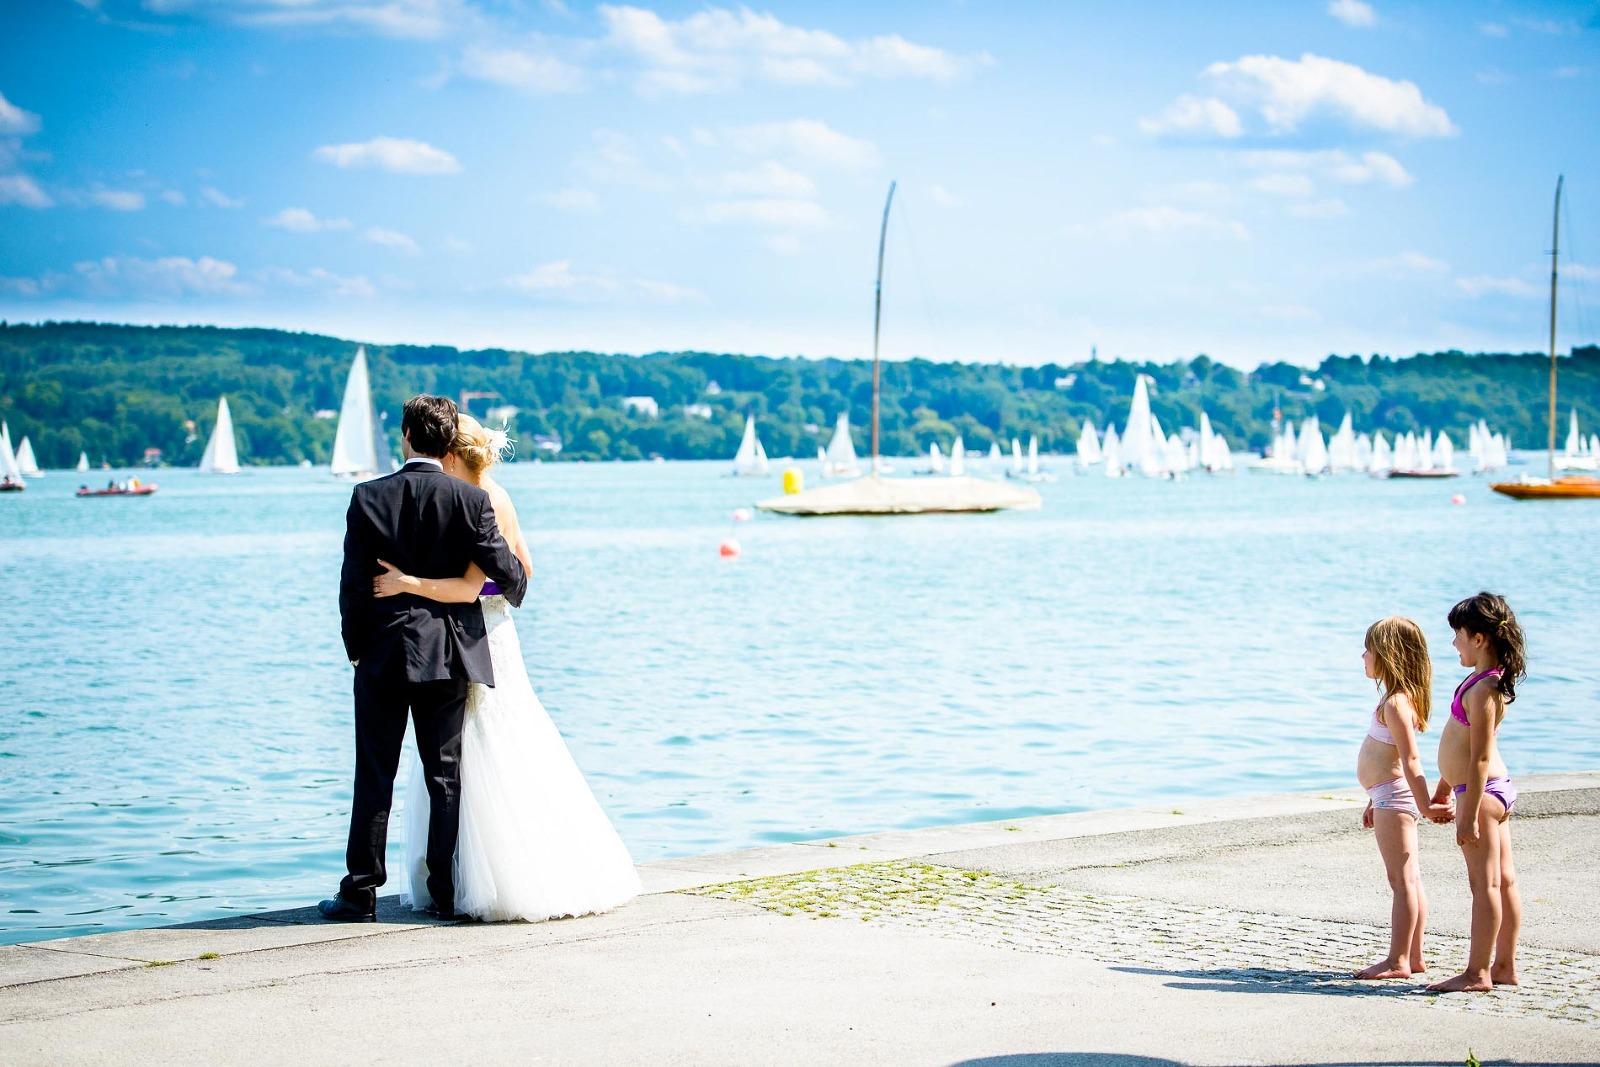 Hochzeits-Fotografie Starnberg, Brautpaar am See und kleine Kinder in Badekleidung an der Uferpromenade